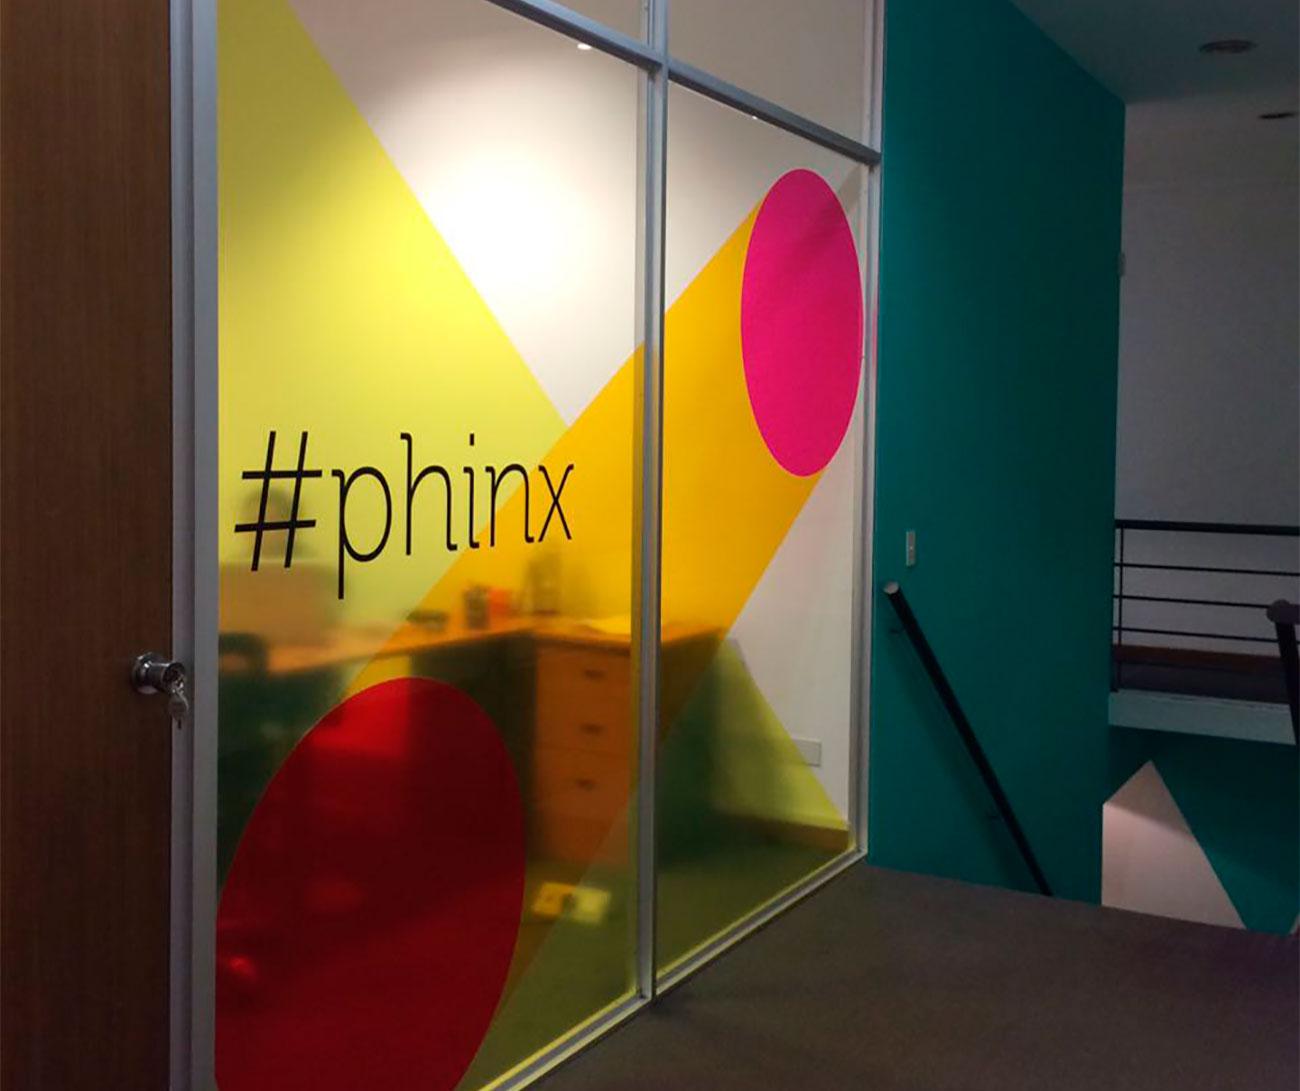 phinx_1